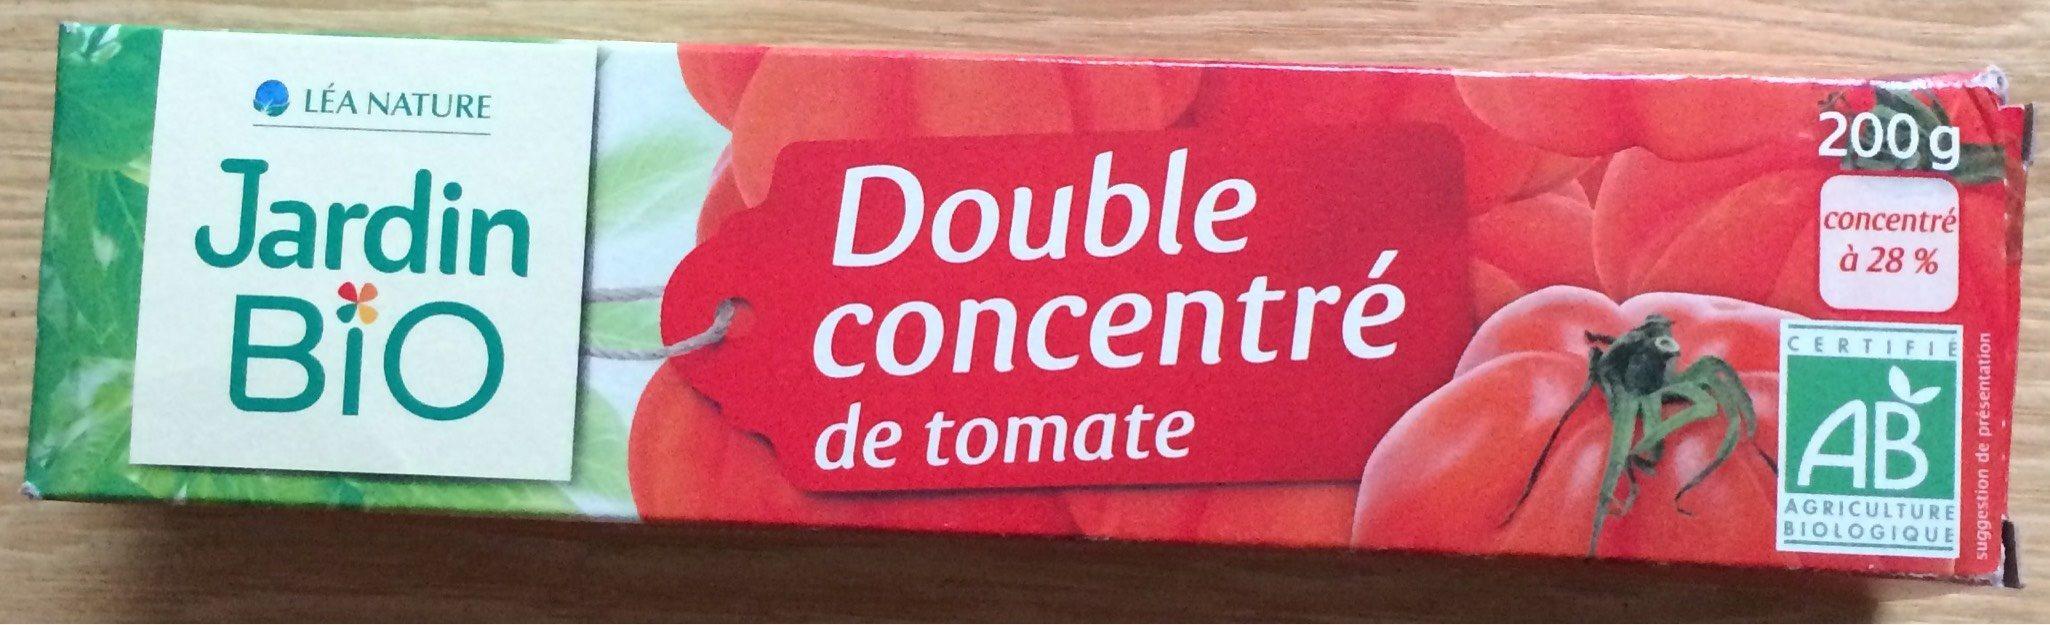 Double concentré de tomate Bio (28%) (Voir 2000000002768) - Produit - fr